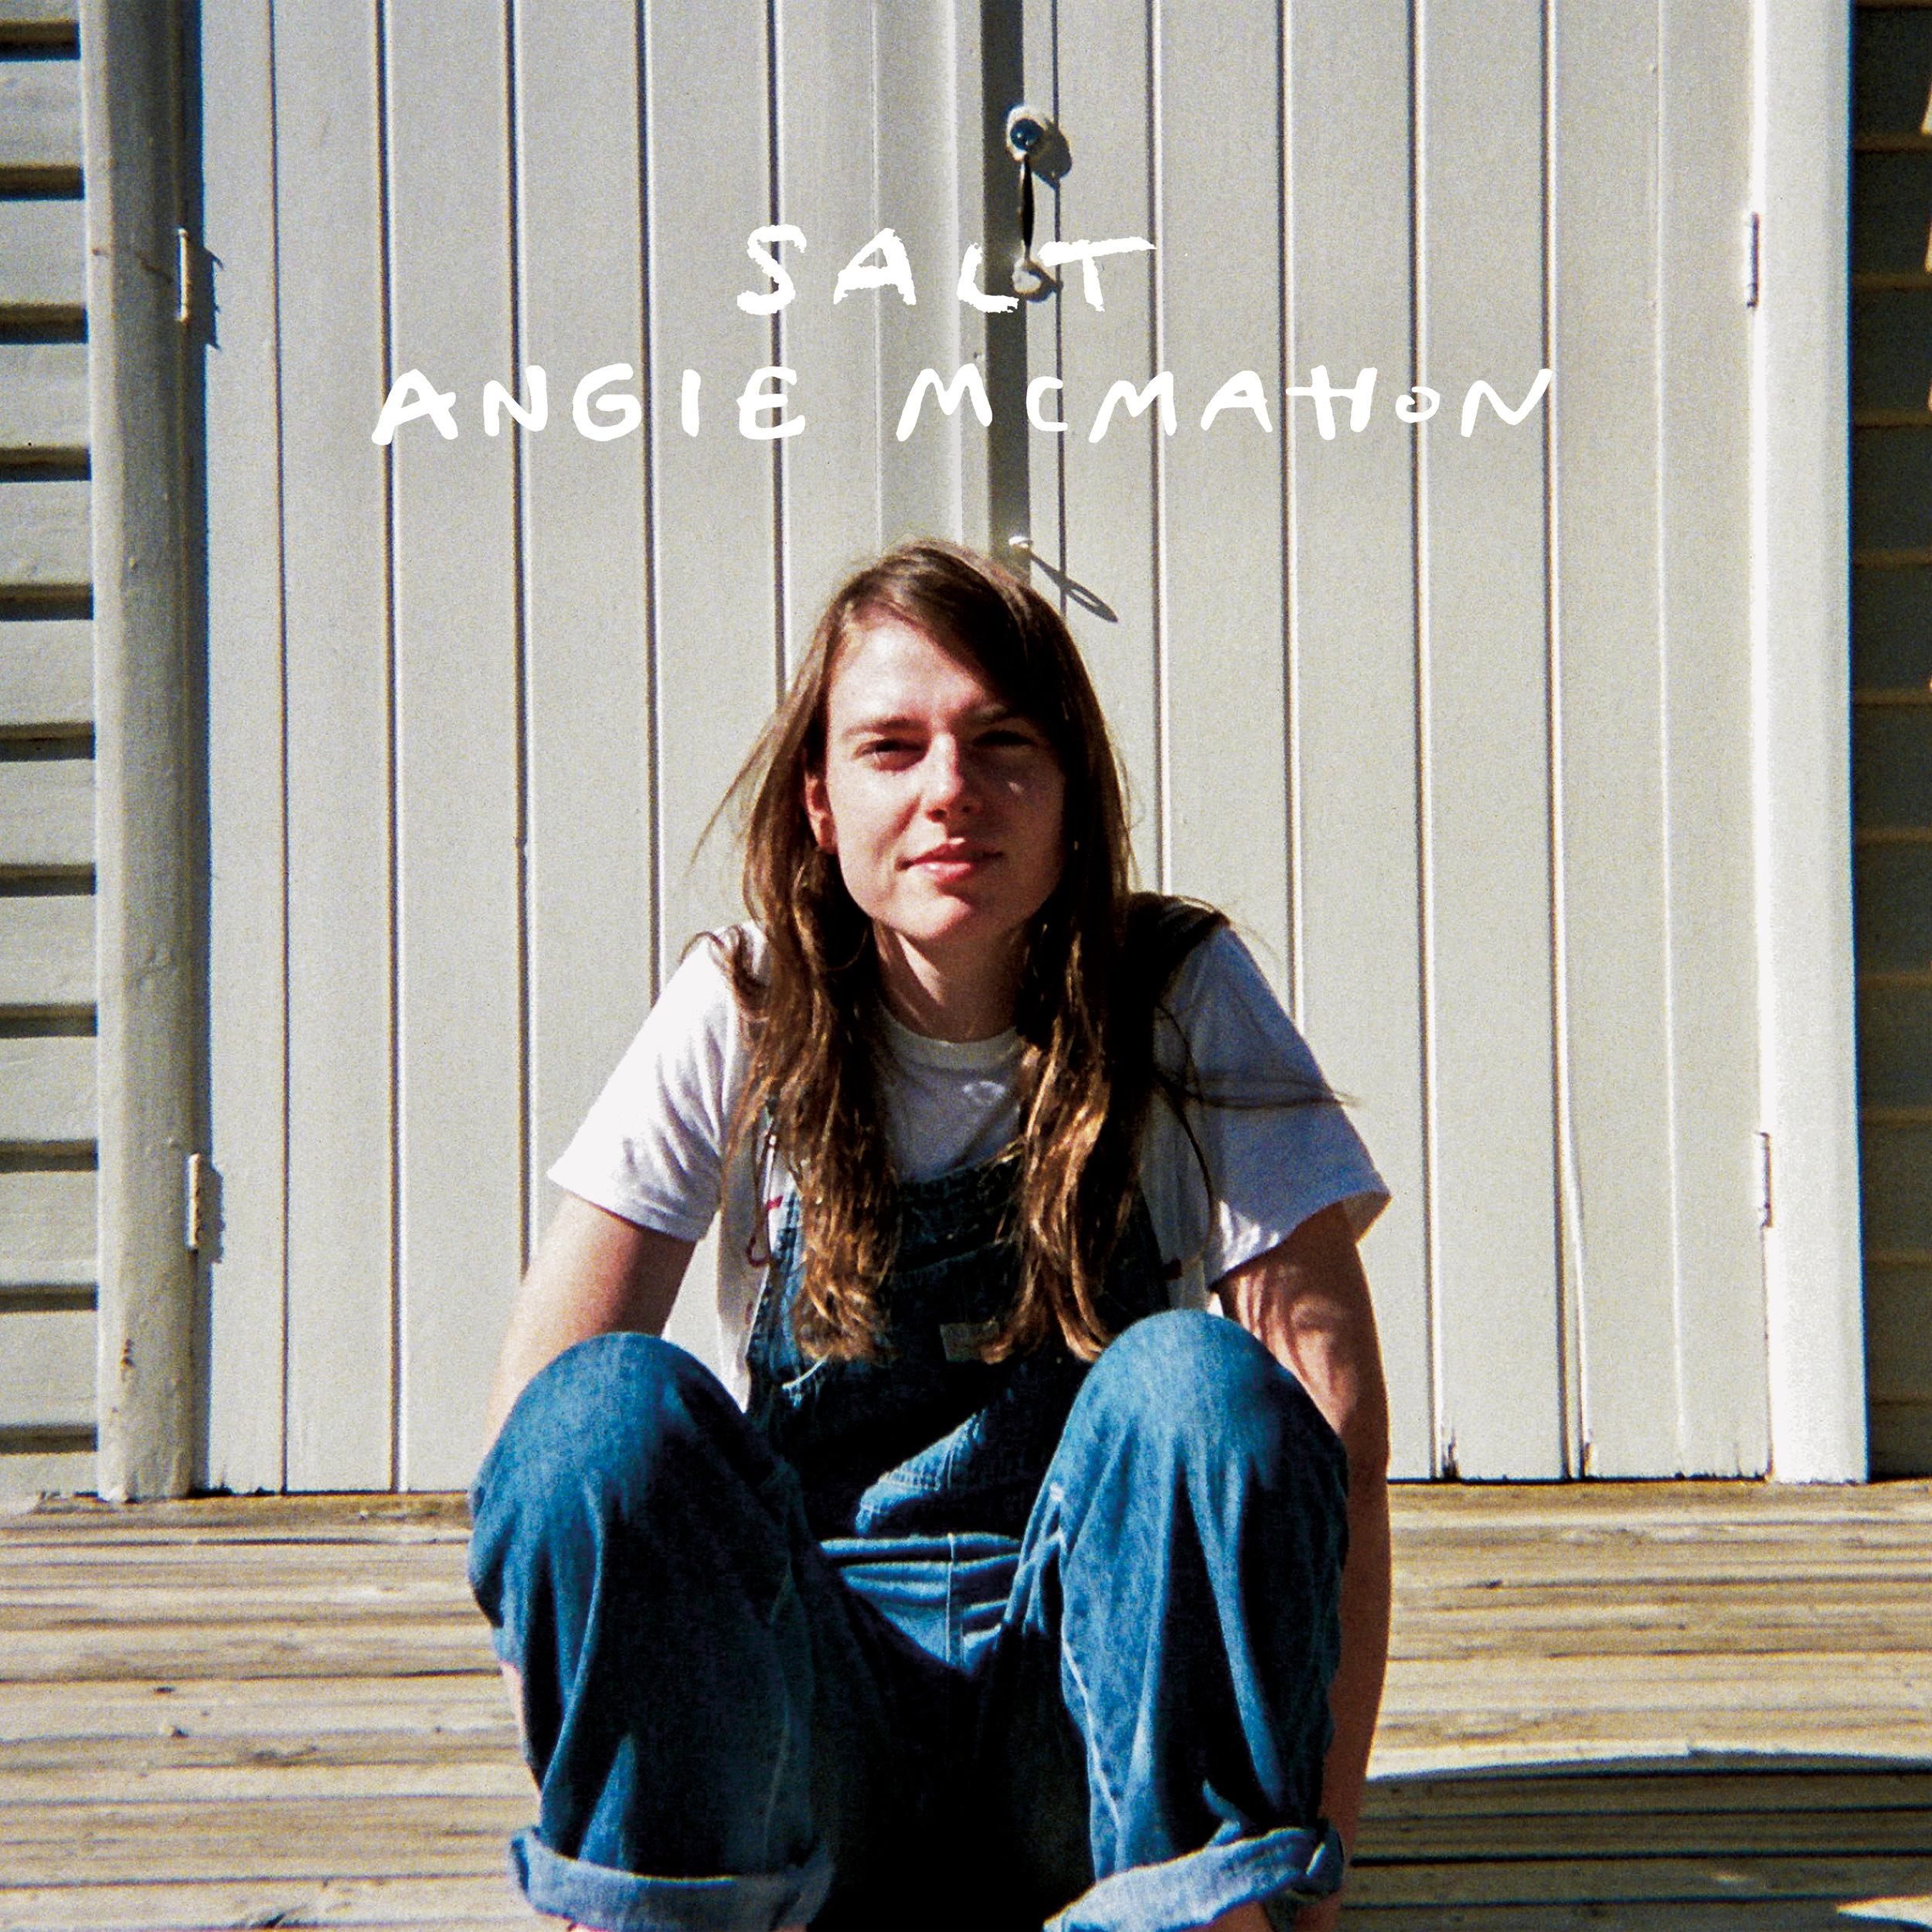 AngieMcMahon_Salt_Album_Art.jpg